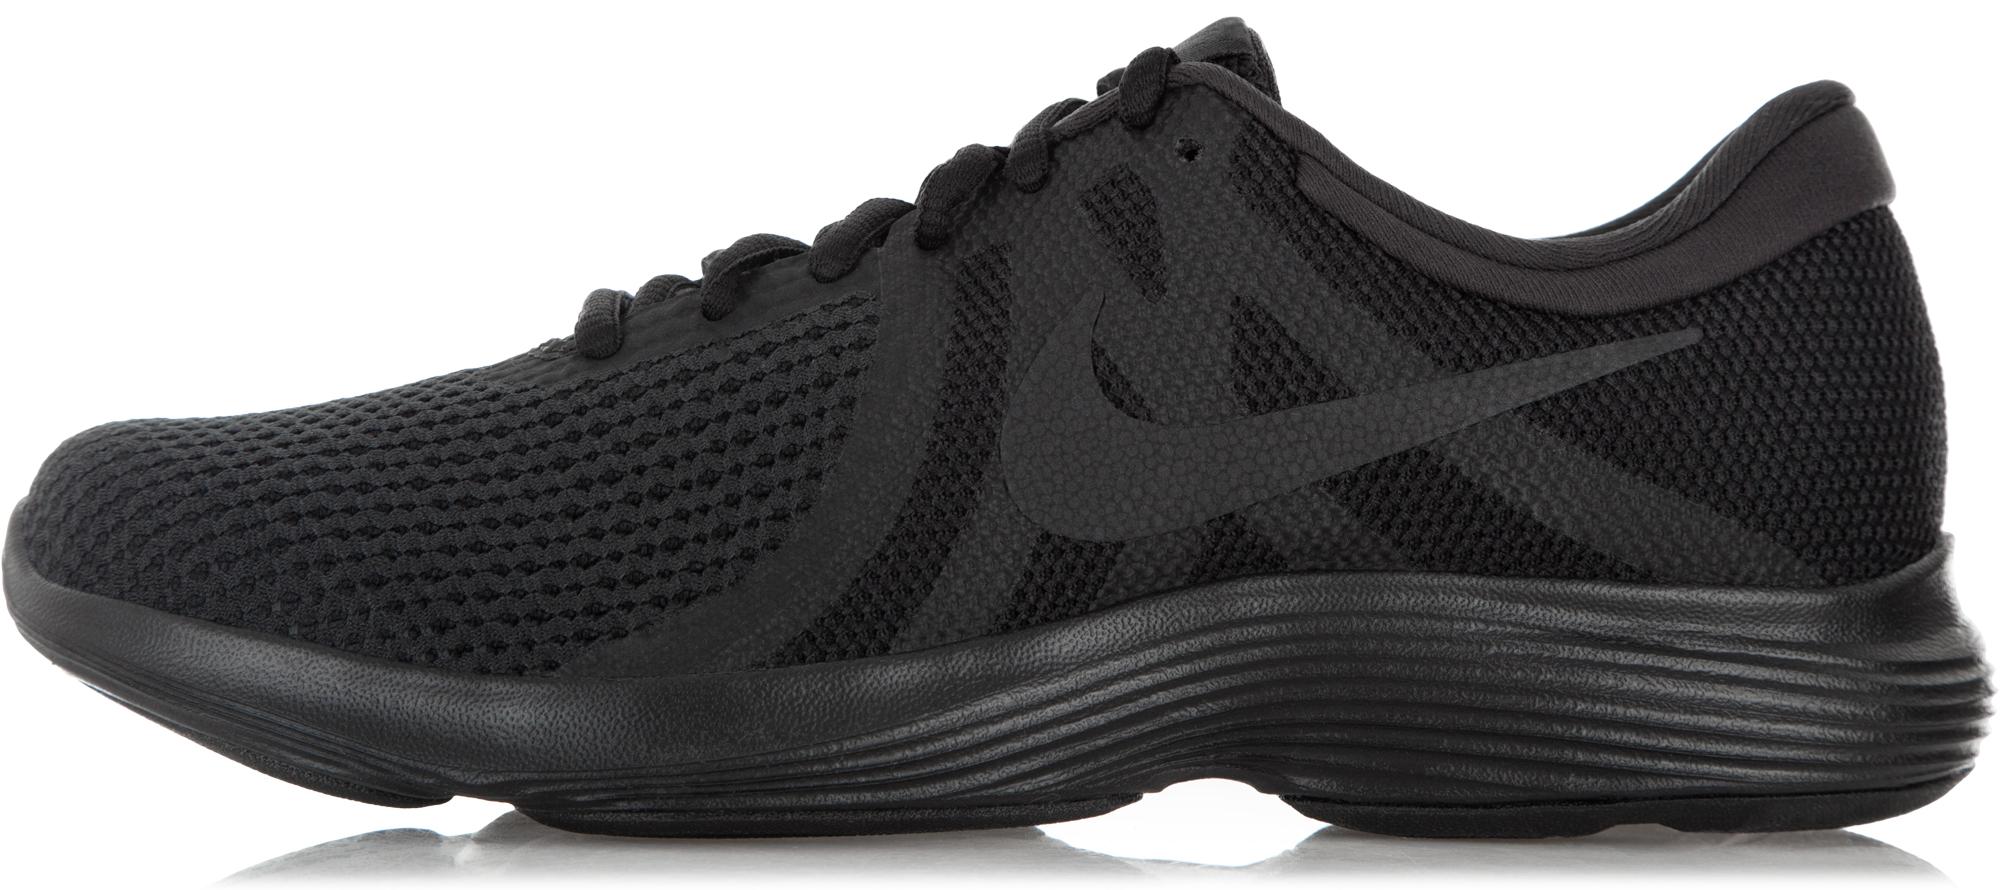 Nike Кроссовки женские Nike Revolution 4, размер 40 недорго, оригинальная цена